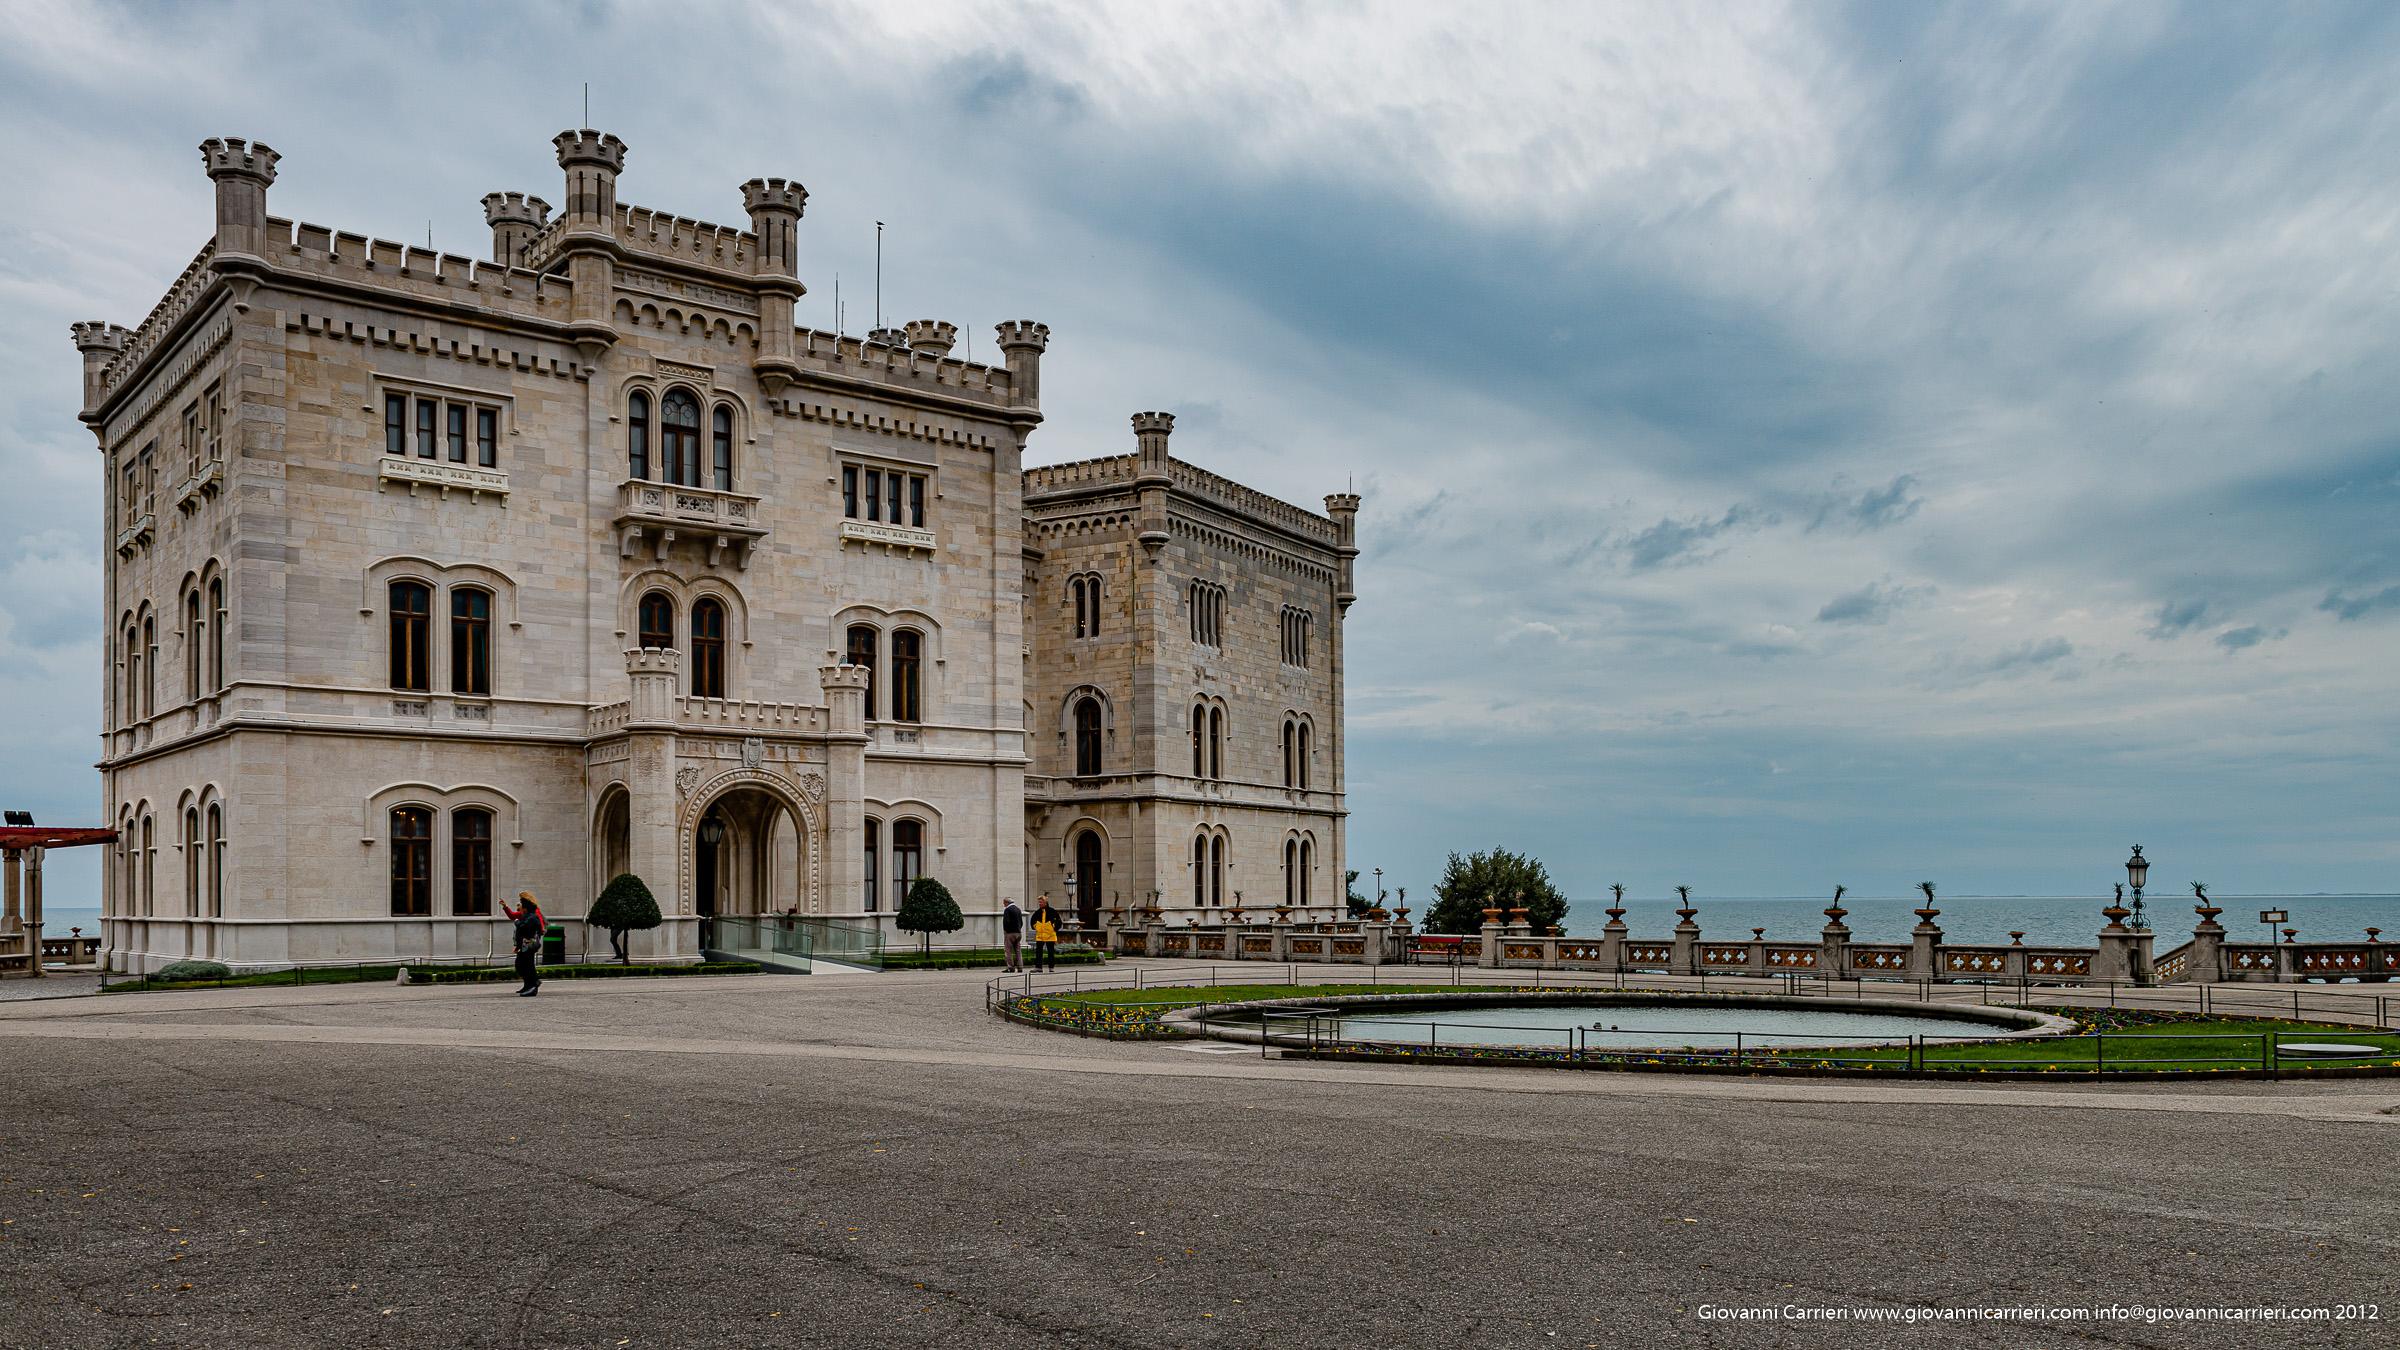 Il Castello di Miramare - Trieste